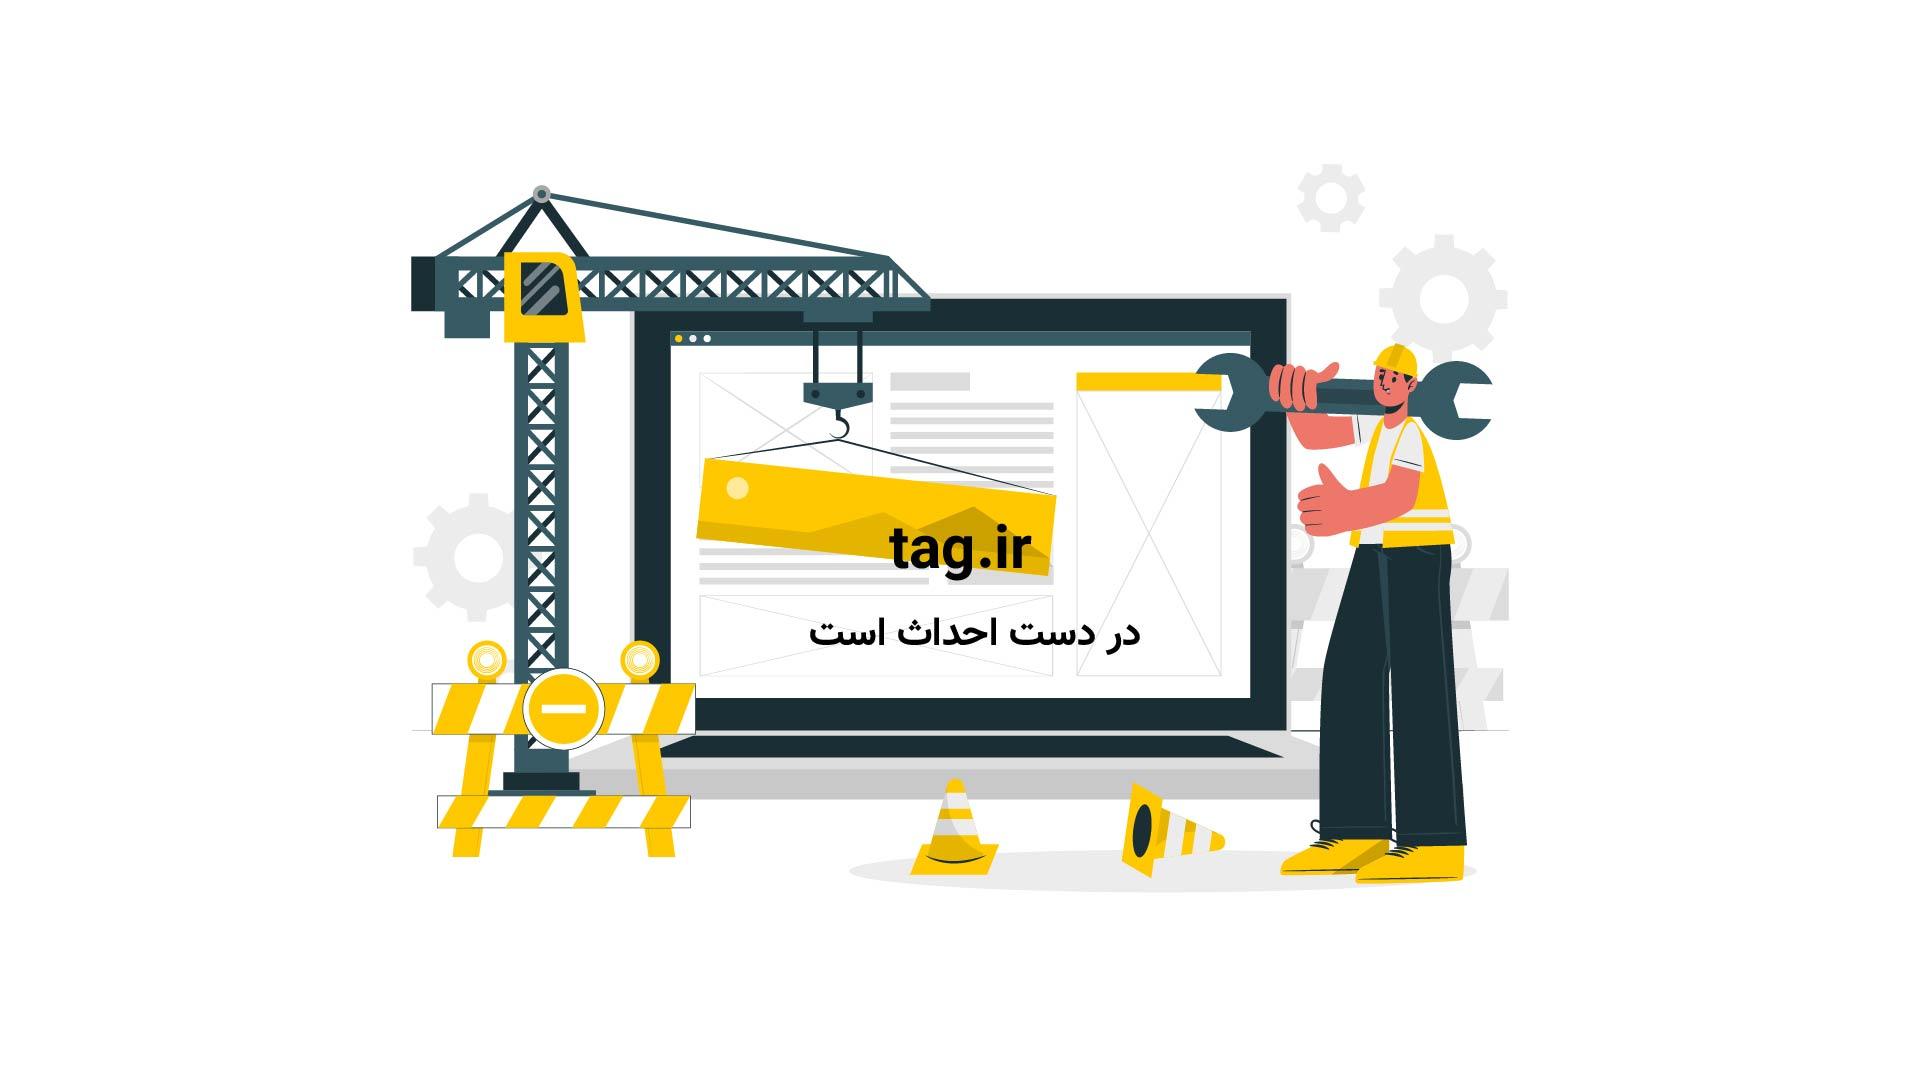 صفحه اول روزنامههای عمومی چهارشنبه 30 خرداد | فیلم